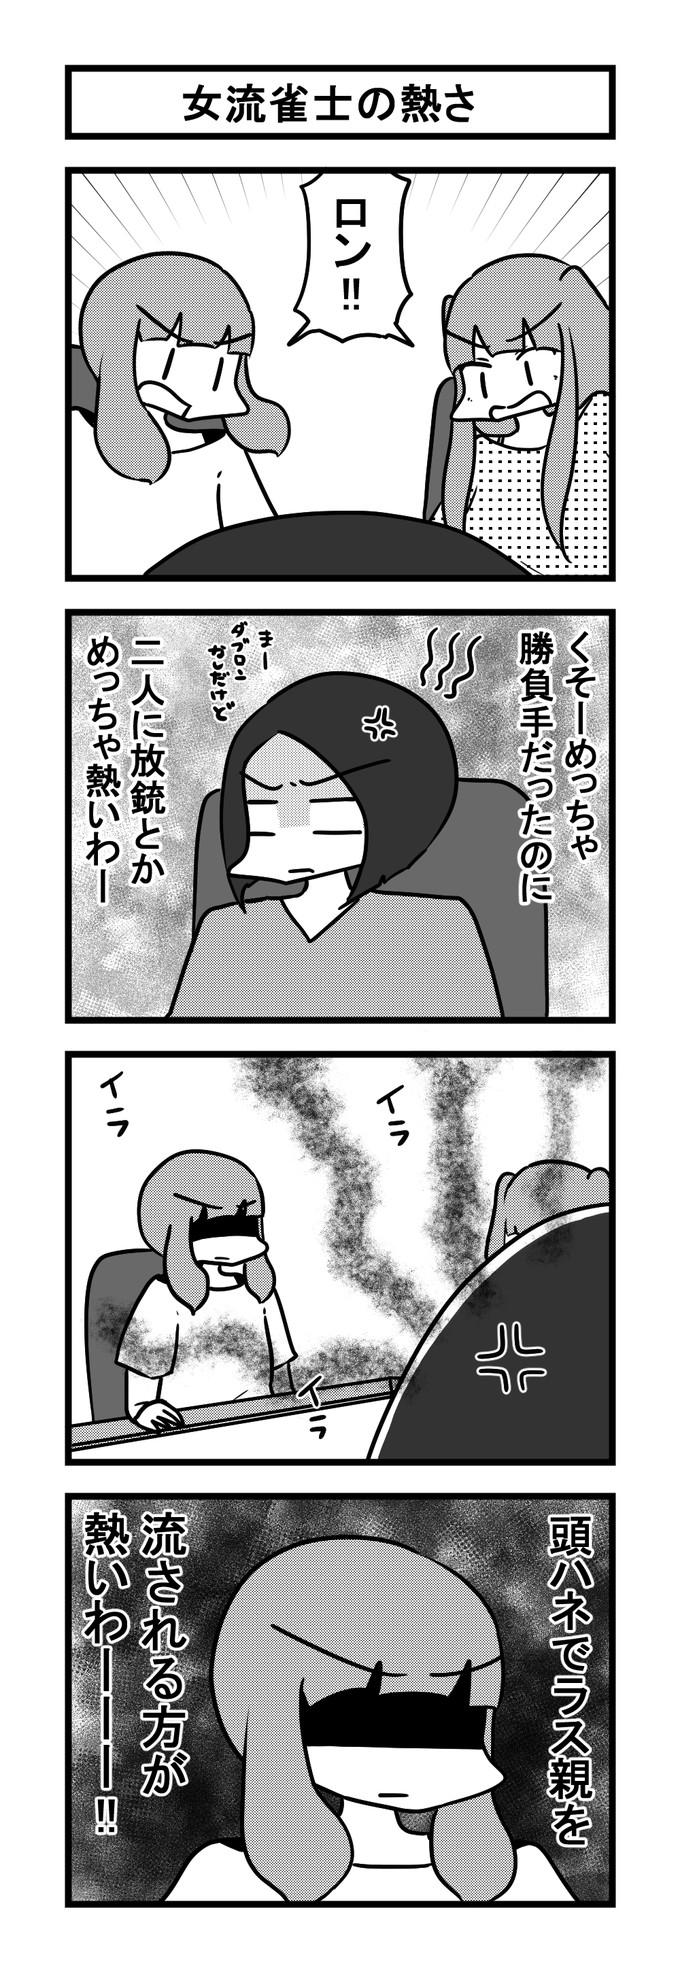 941女流雀士の熱さ-min